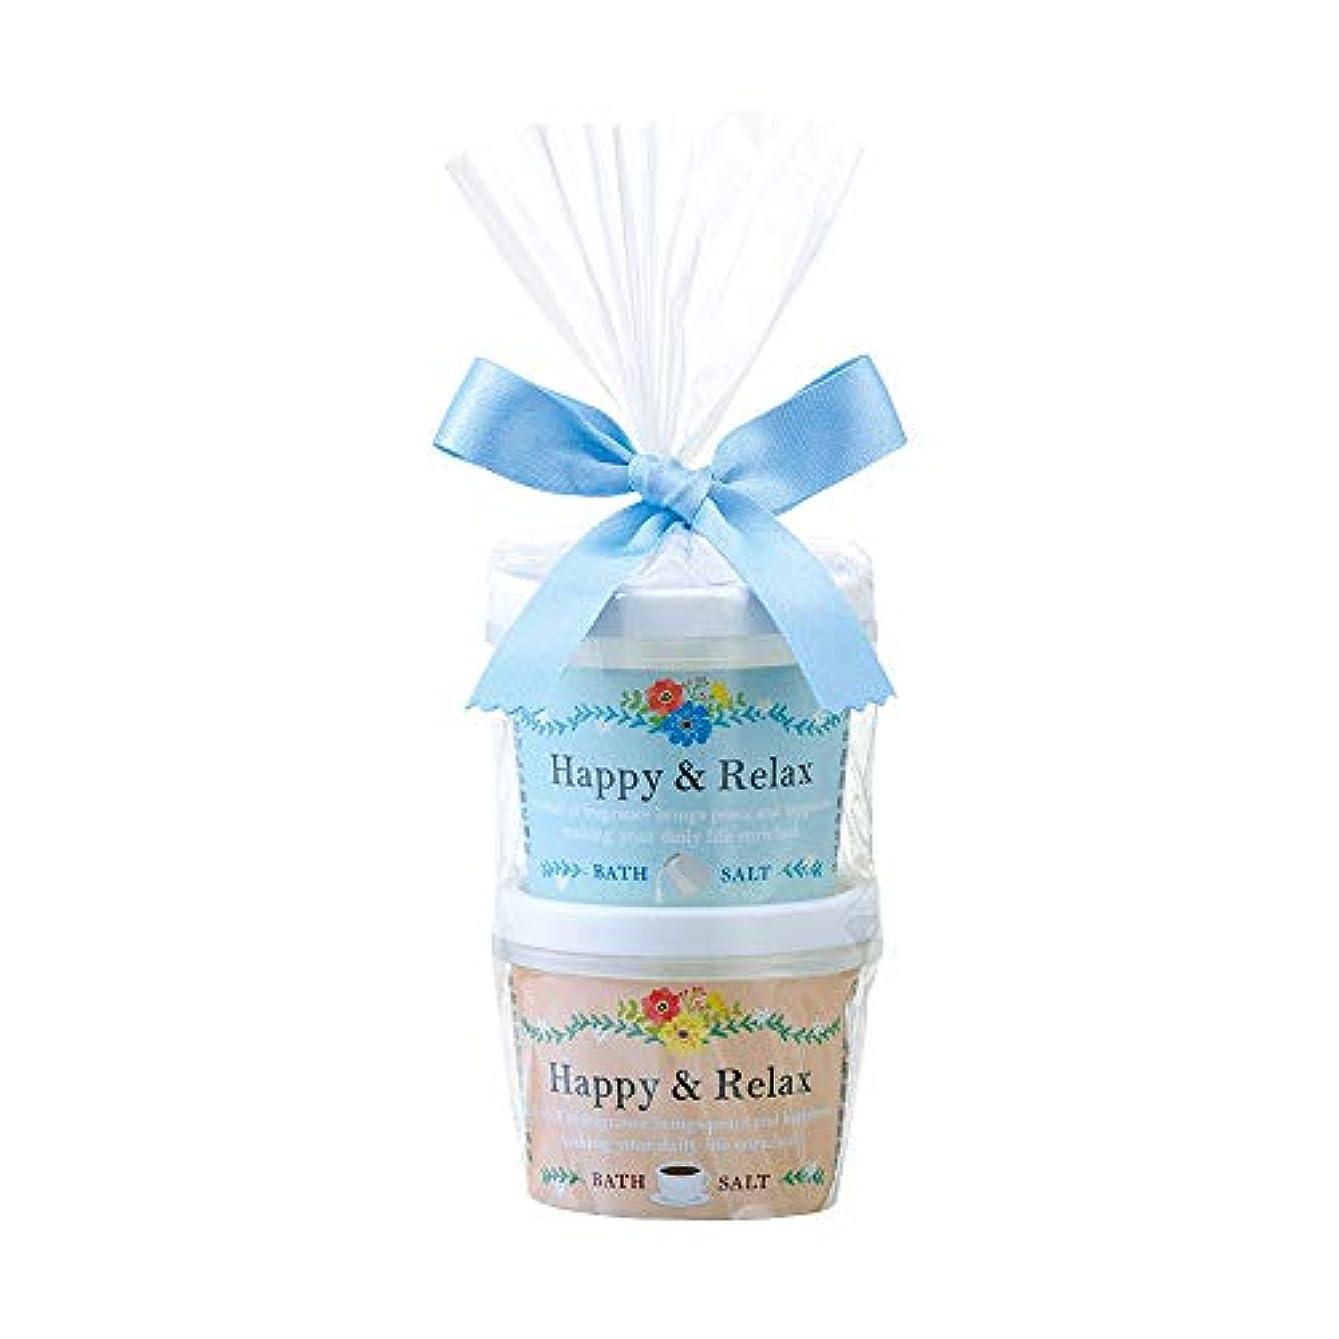 ミケランジェロほこりっぽい肉腫ジーピークリエイツ バスプリエ 入浴剤 ミルク & エスプレッソ 40g×2個